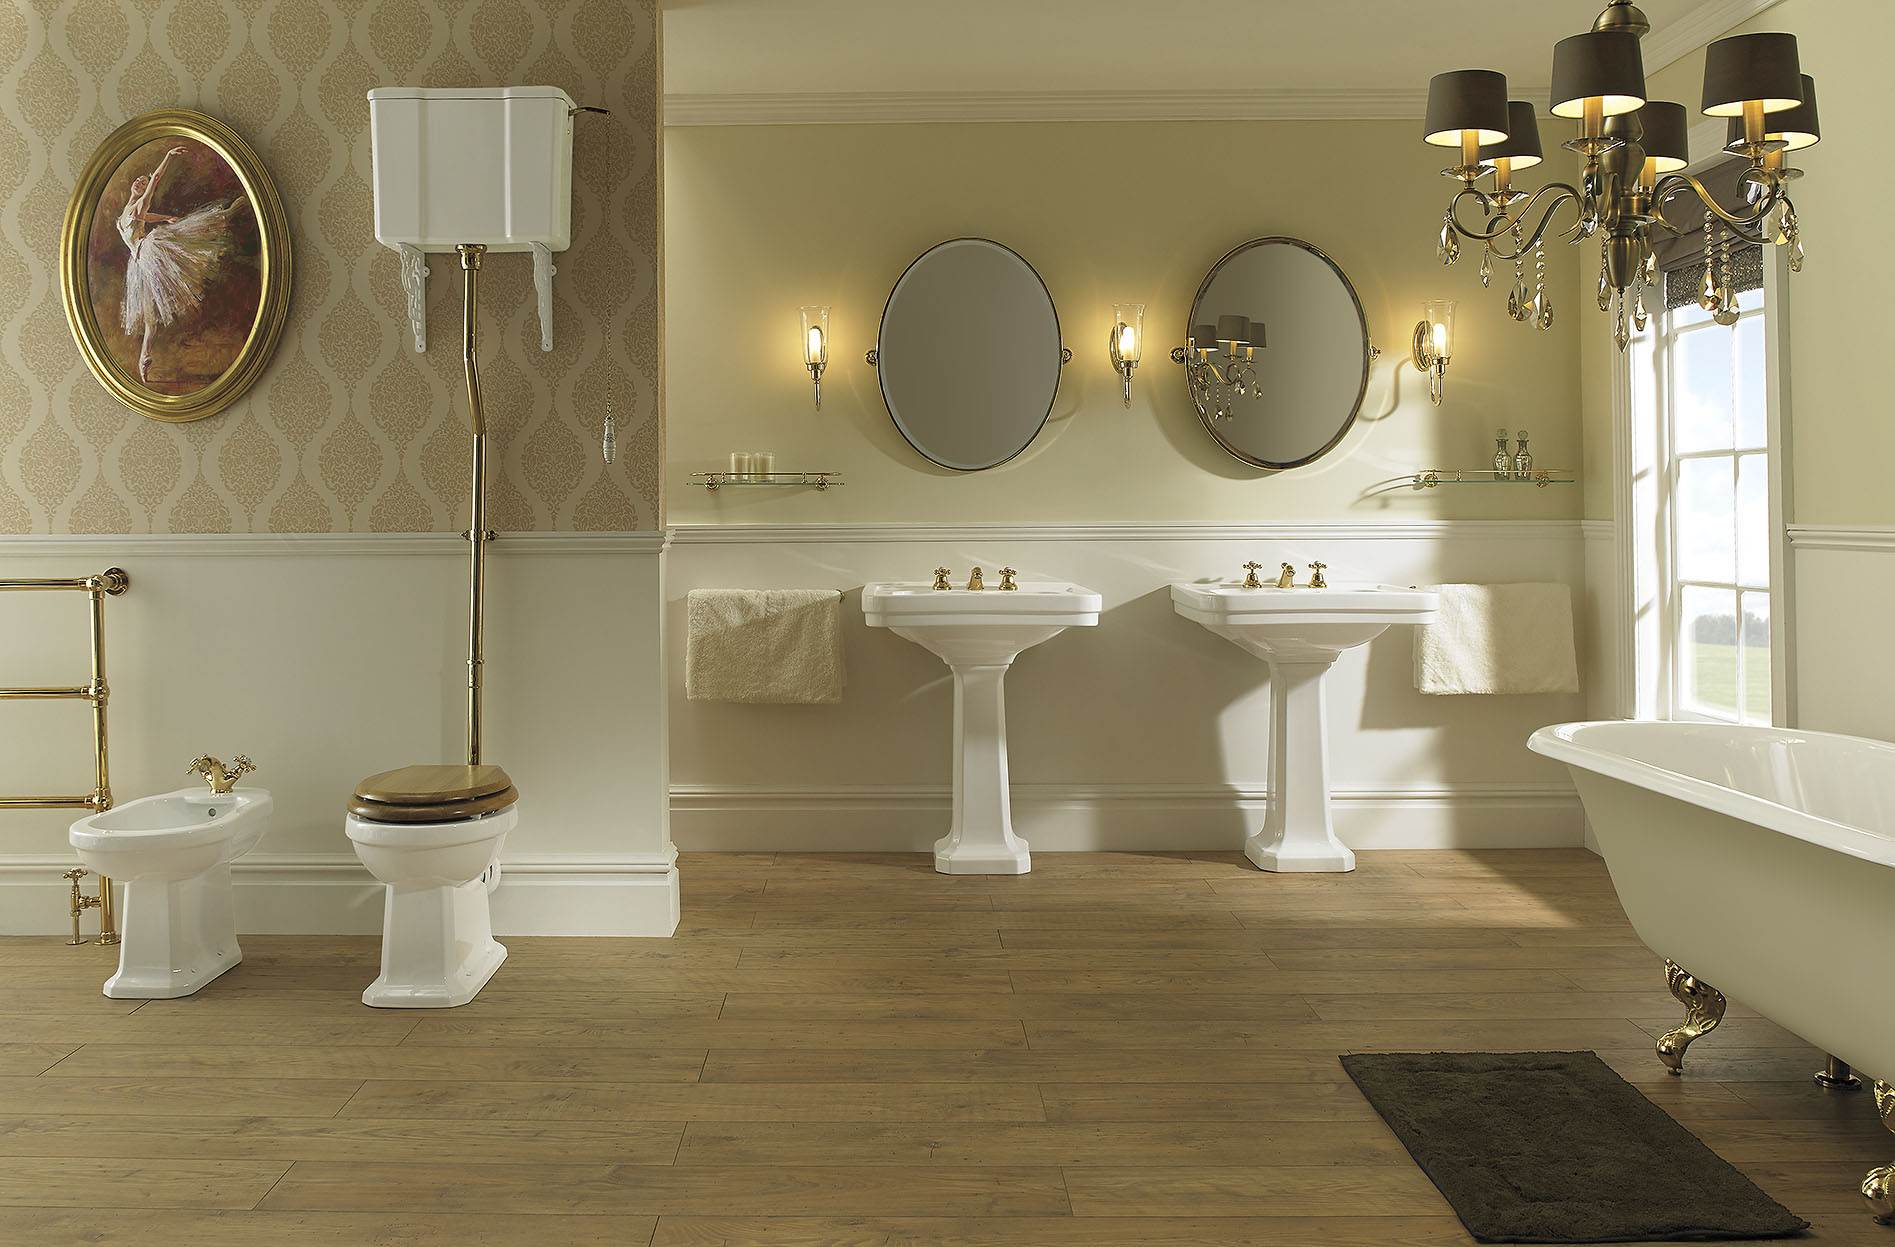 imperial bathrooms badexclusief luxe klassiek sanitair